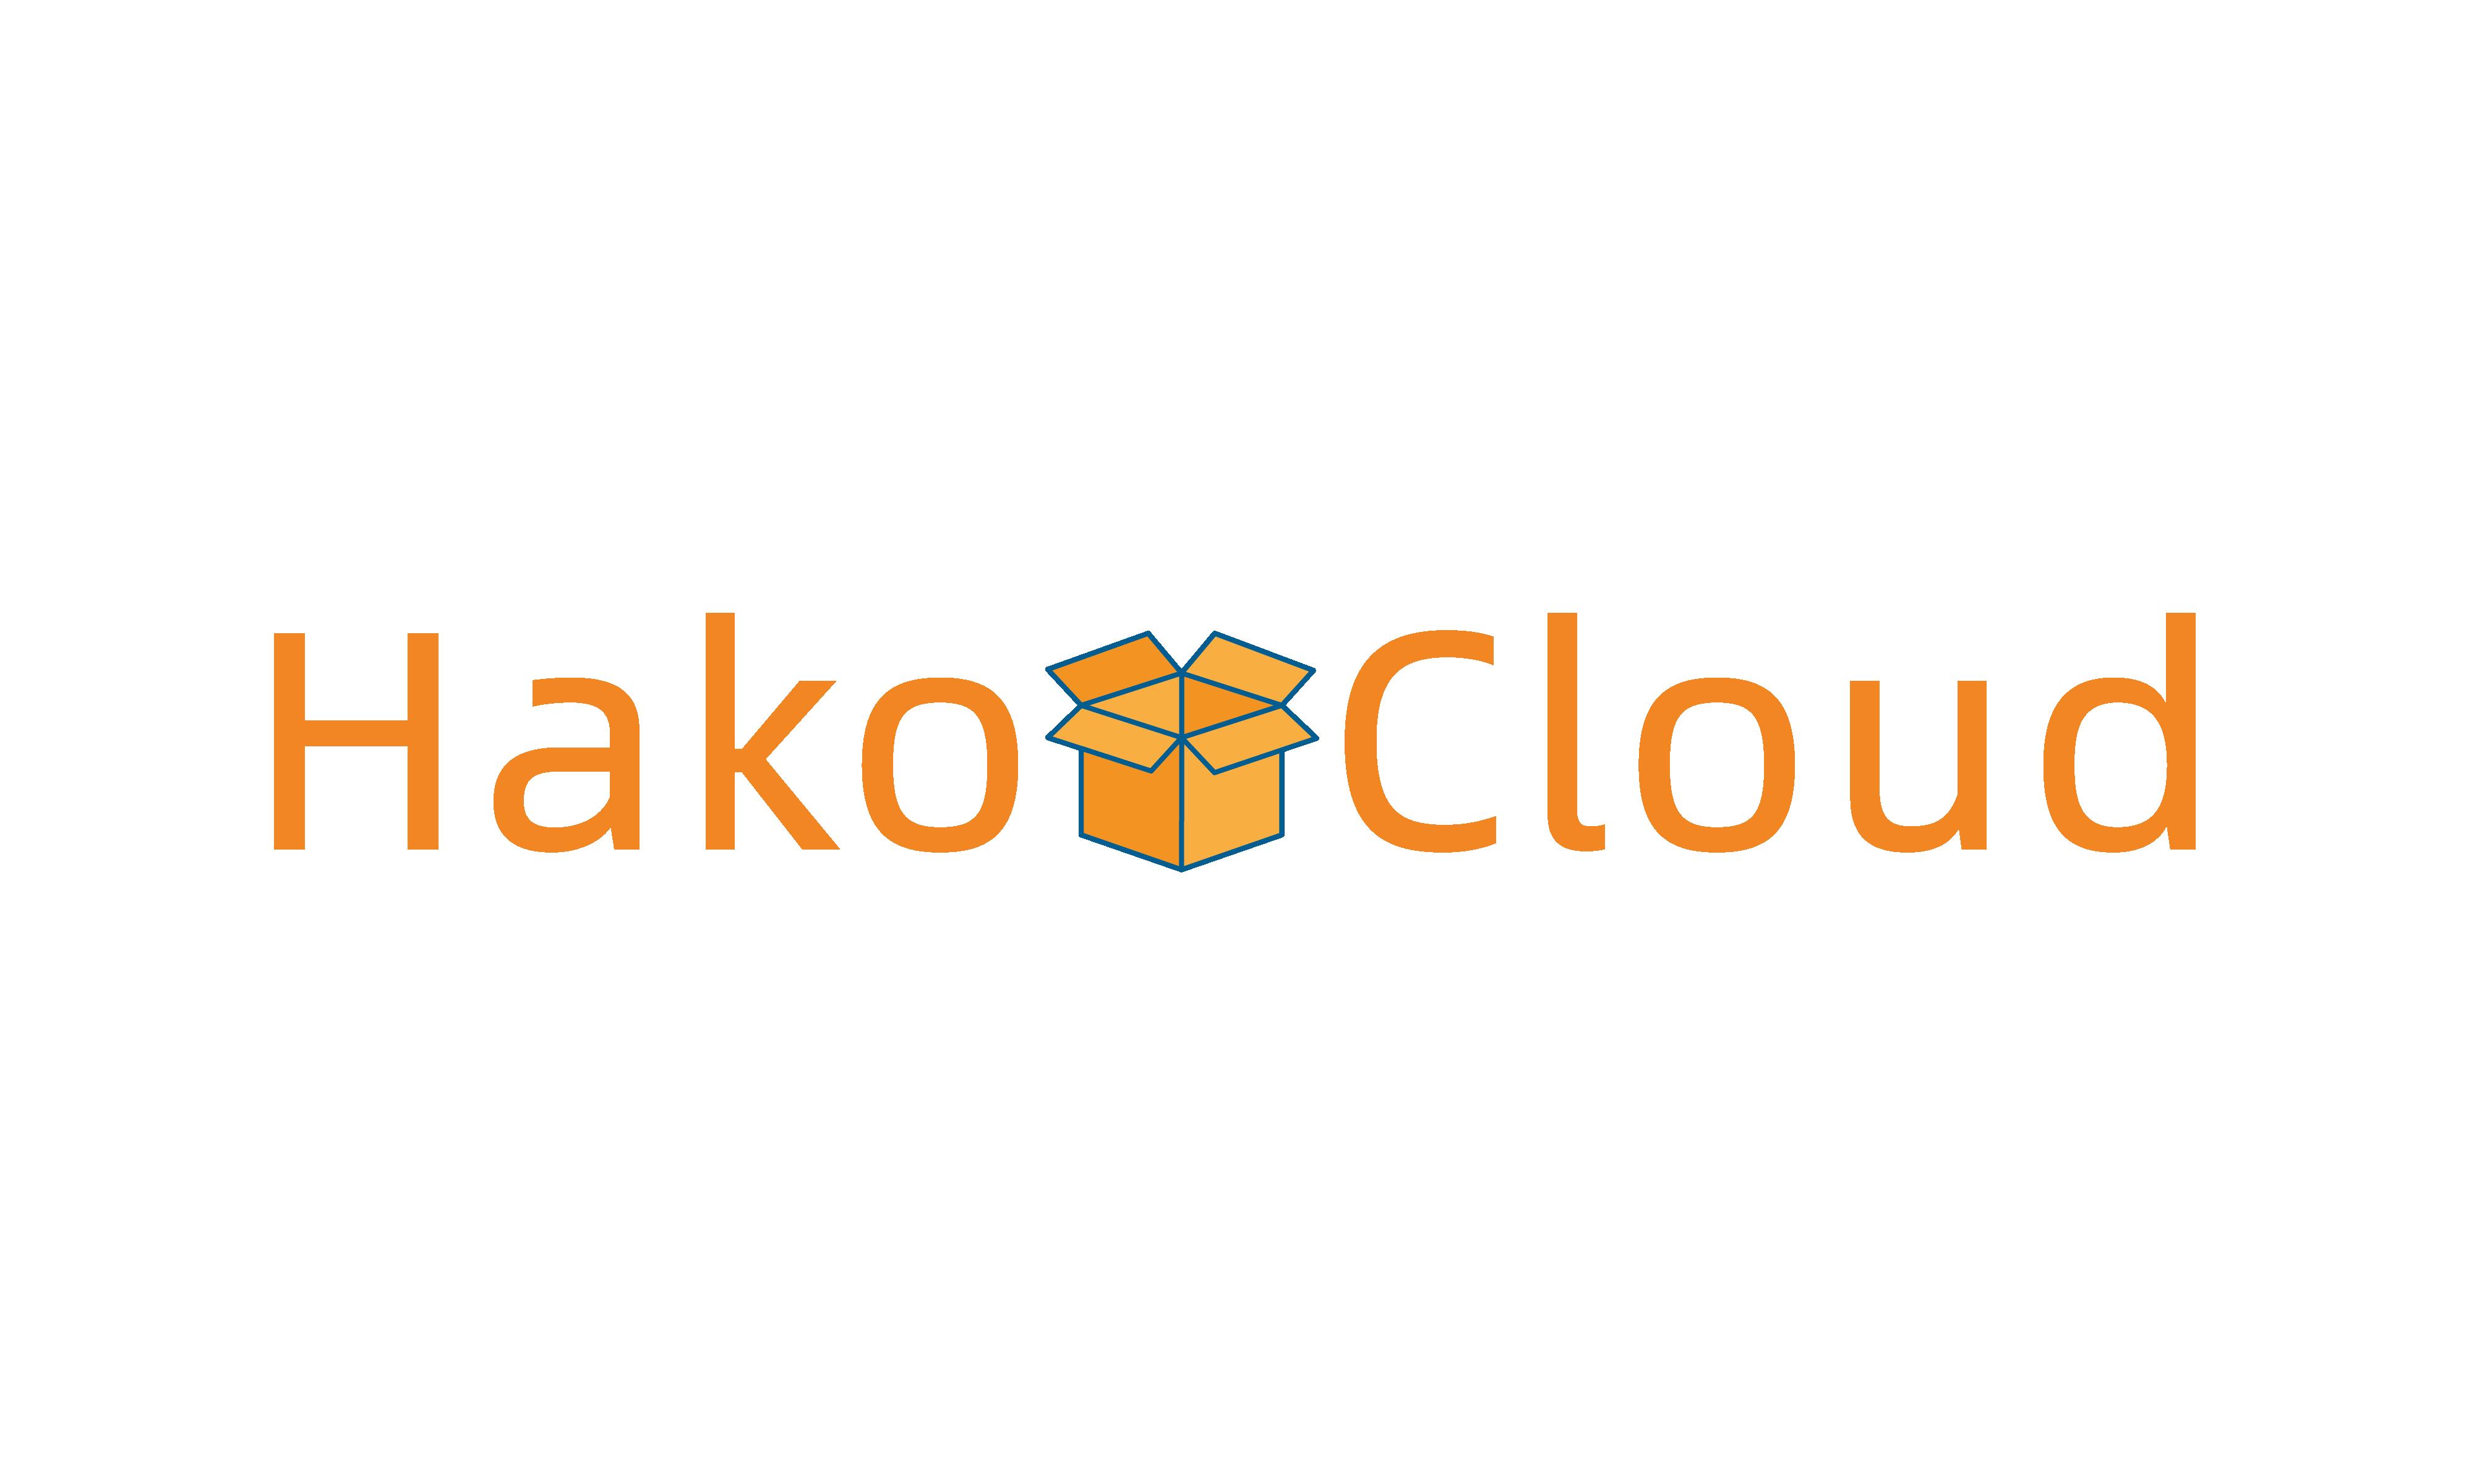 HakoCloud